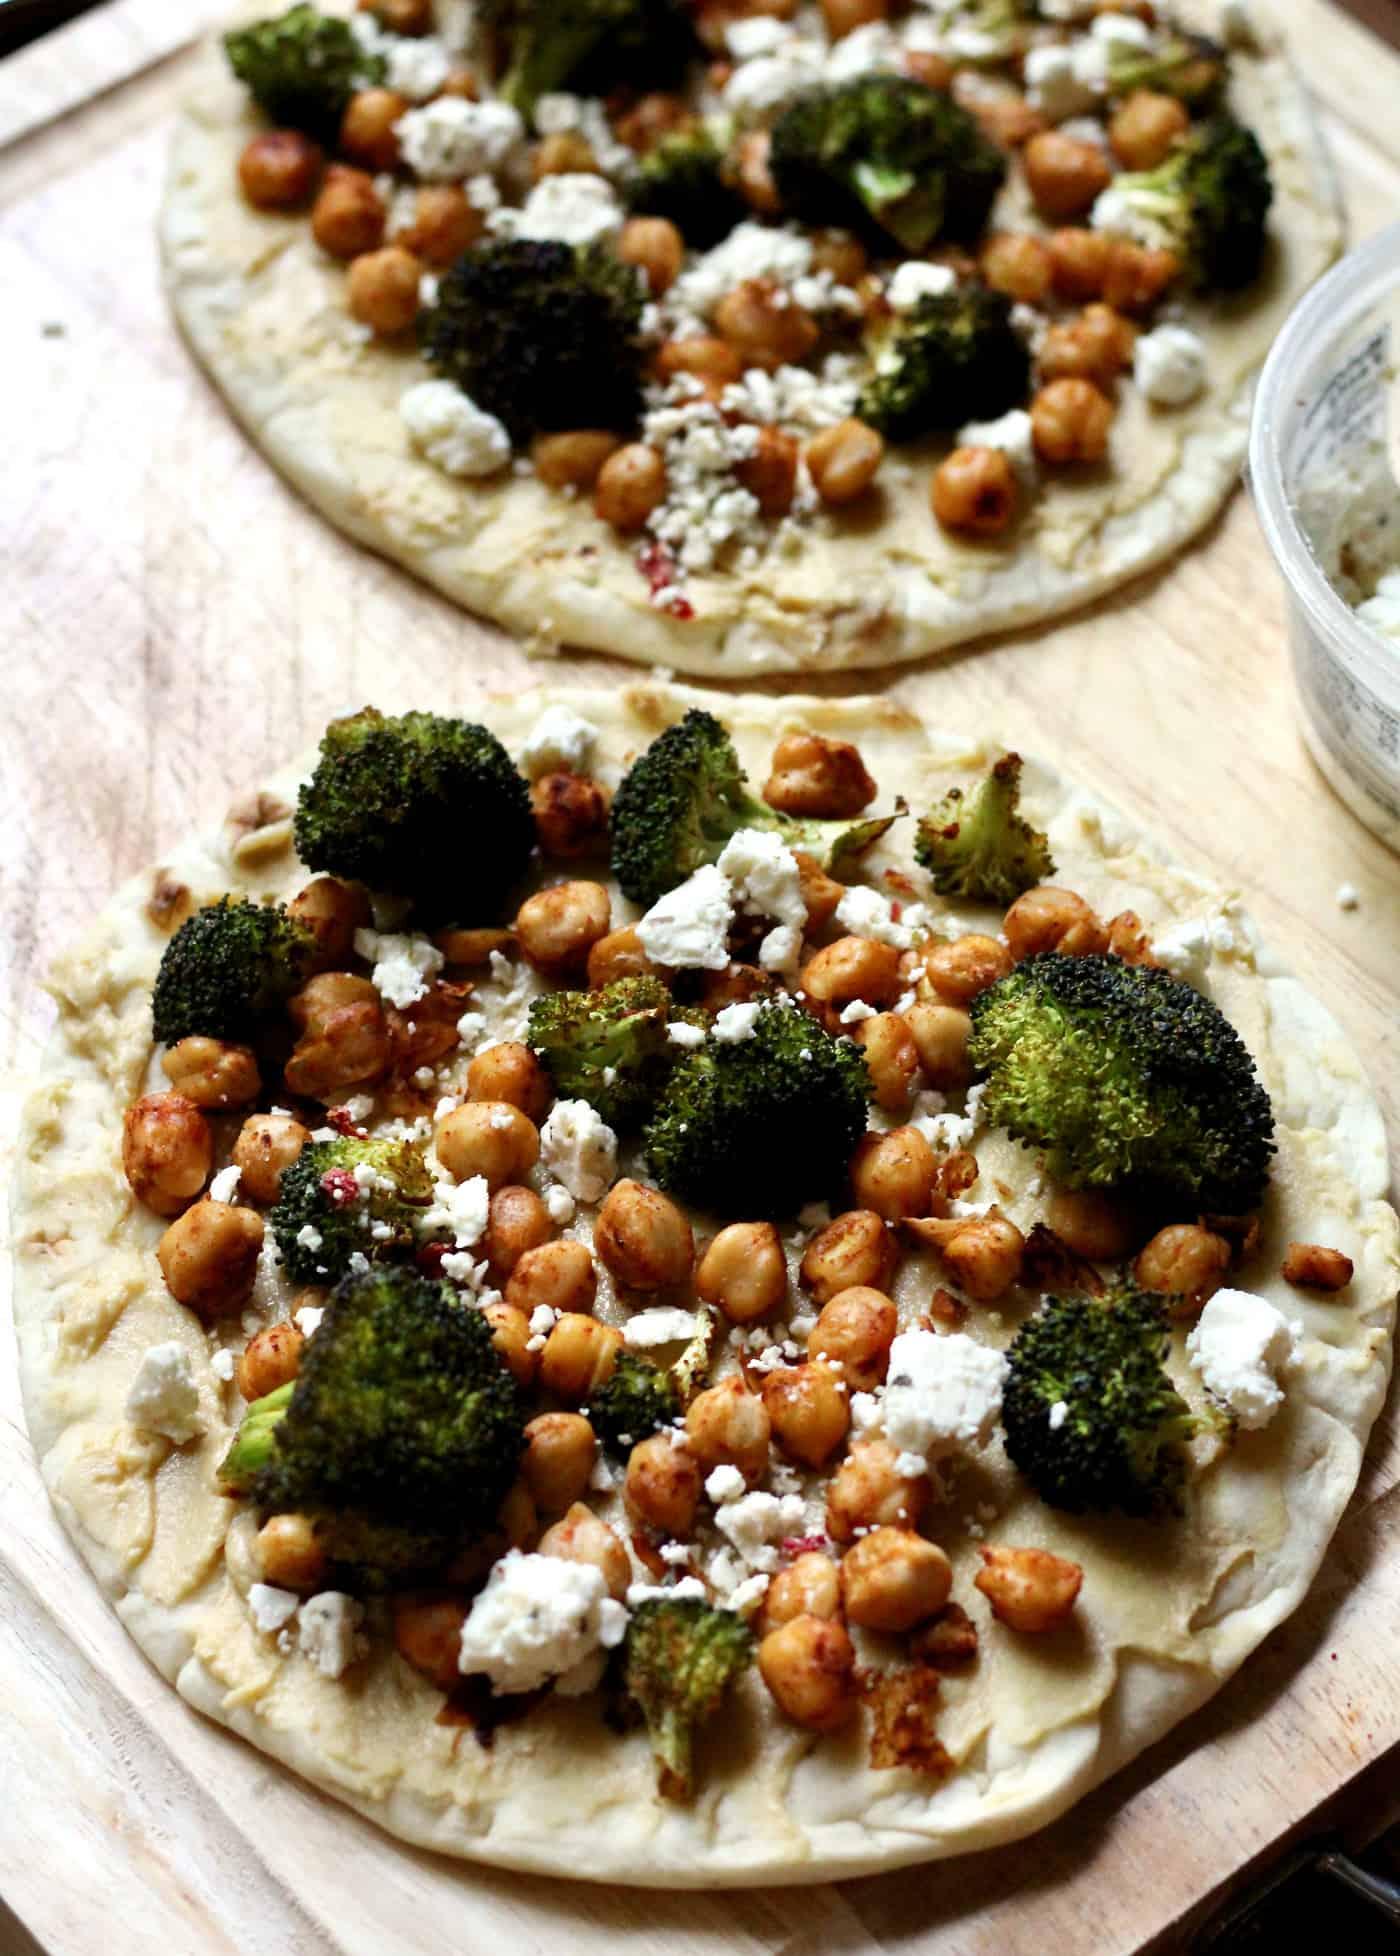 Roasted Chickpea and Broccoli Hummus Flatbread